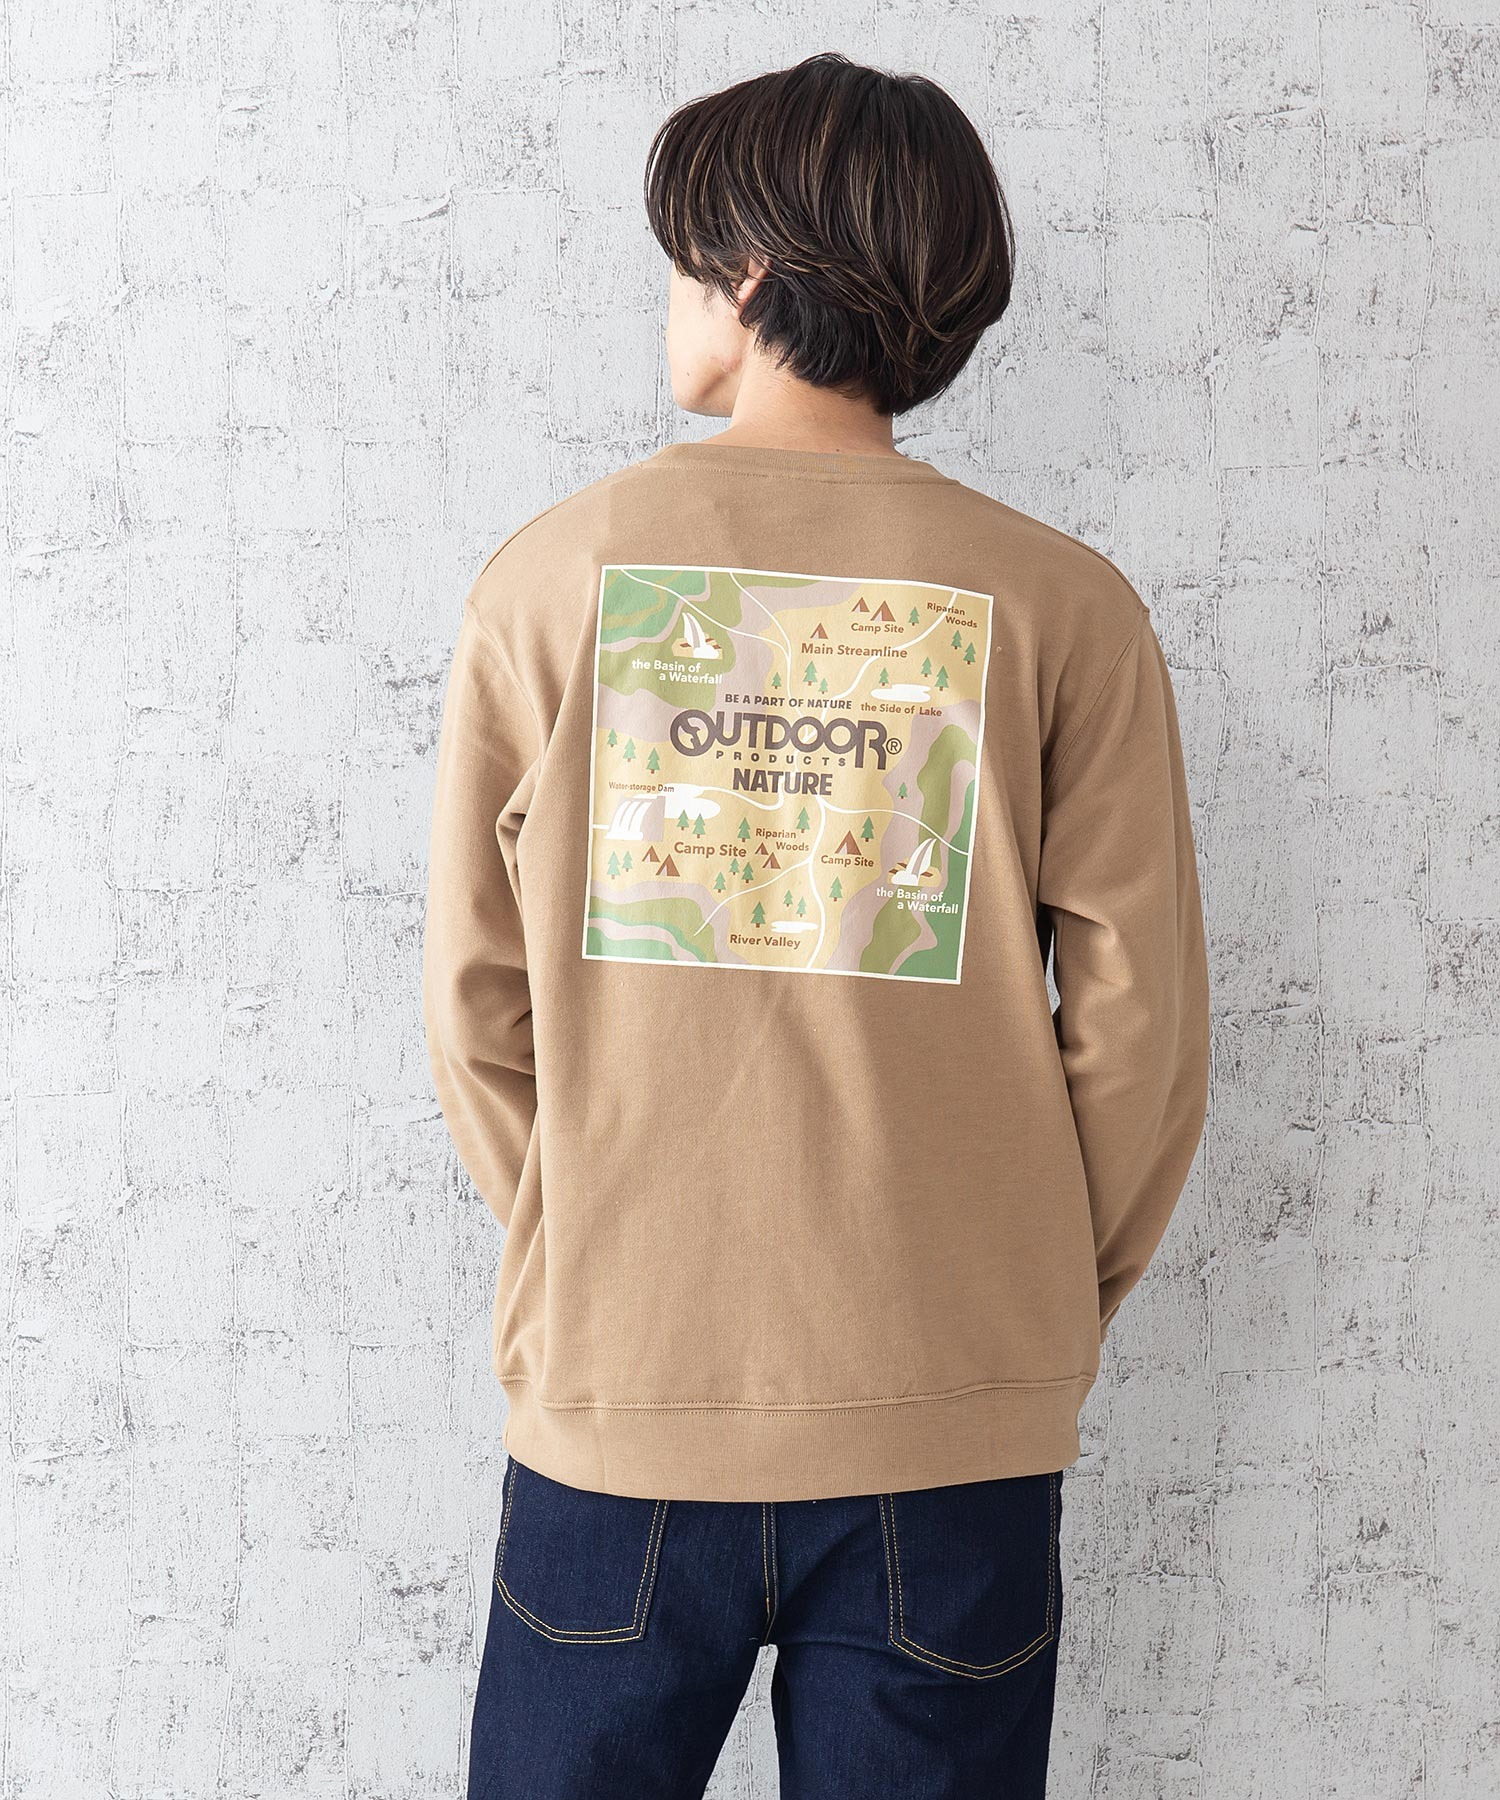 CAMPモチーフトレーナー ワンポイント刺繍 バックプリント ルーズシルエット ユニセックス ブランド発祥の地をモチーフにしたグラフィックデザイン